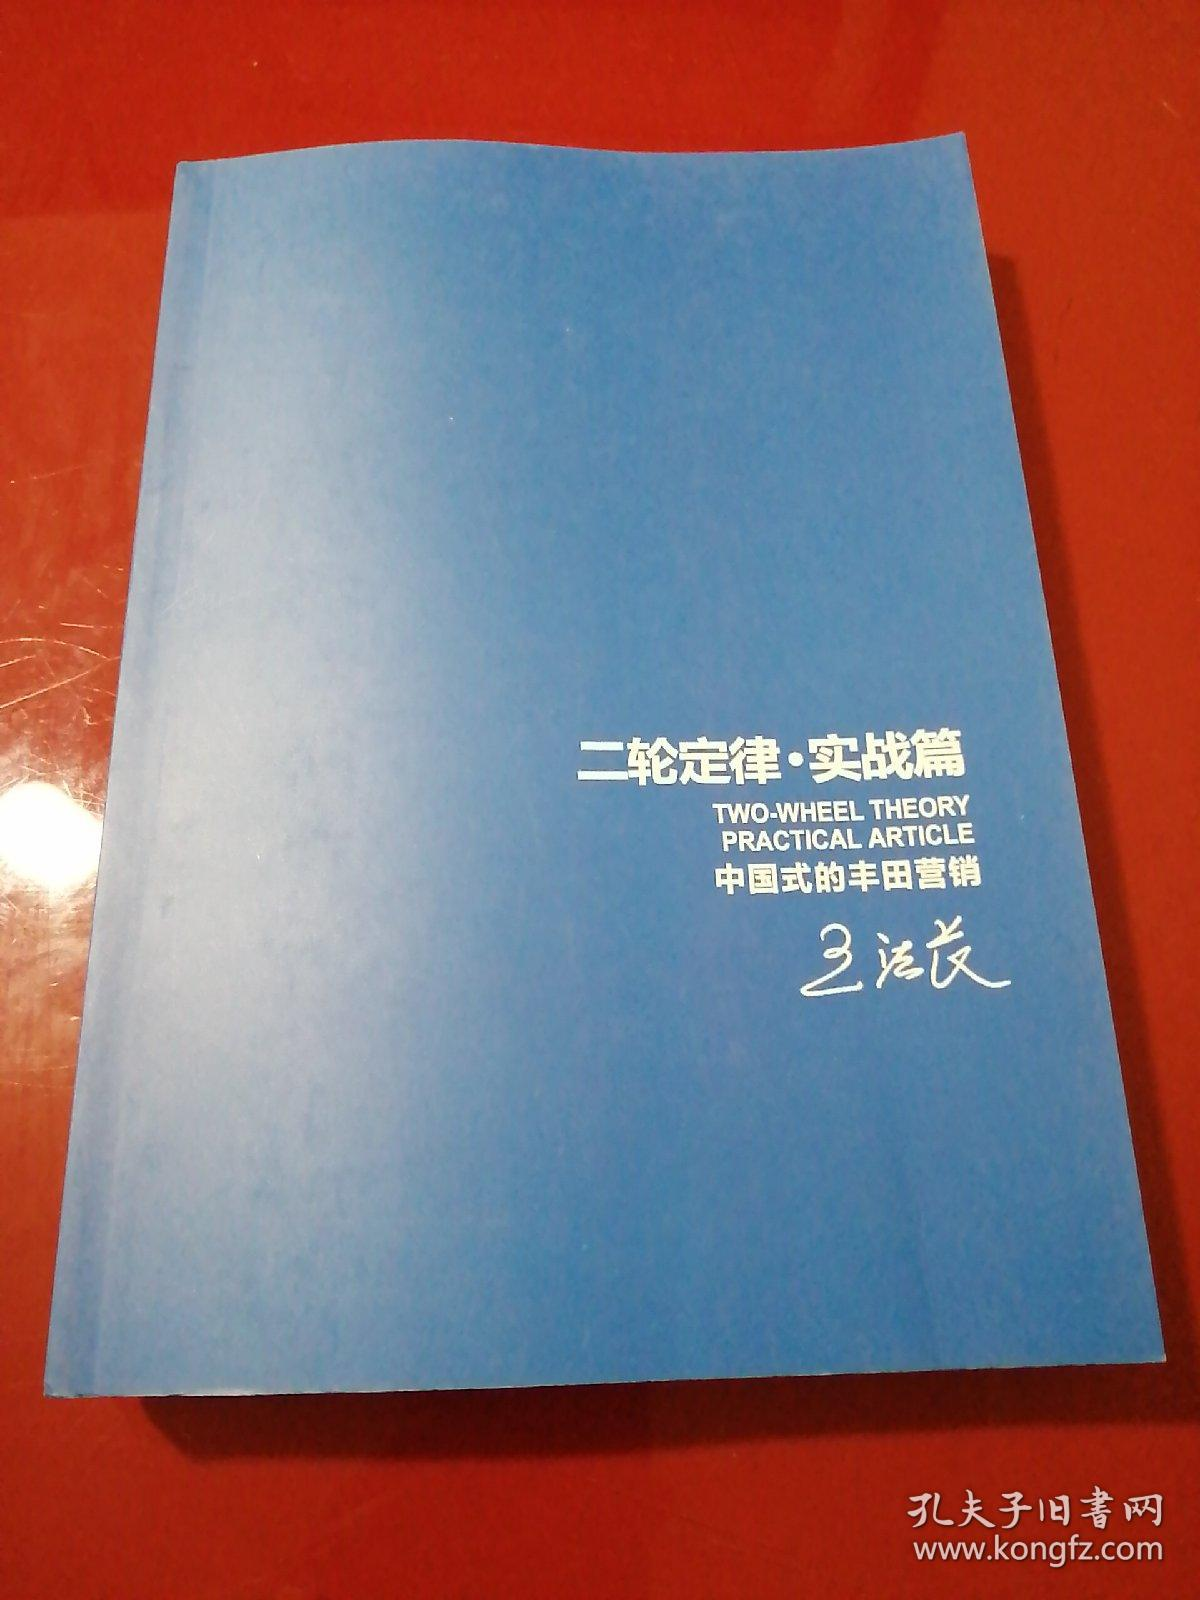 二轮定律 .实战篇 中国式的丰田营销